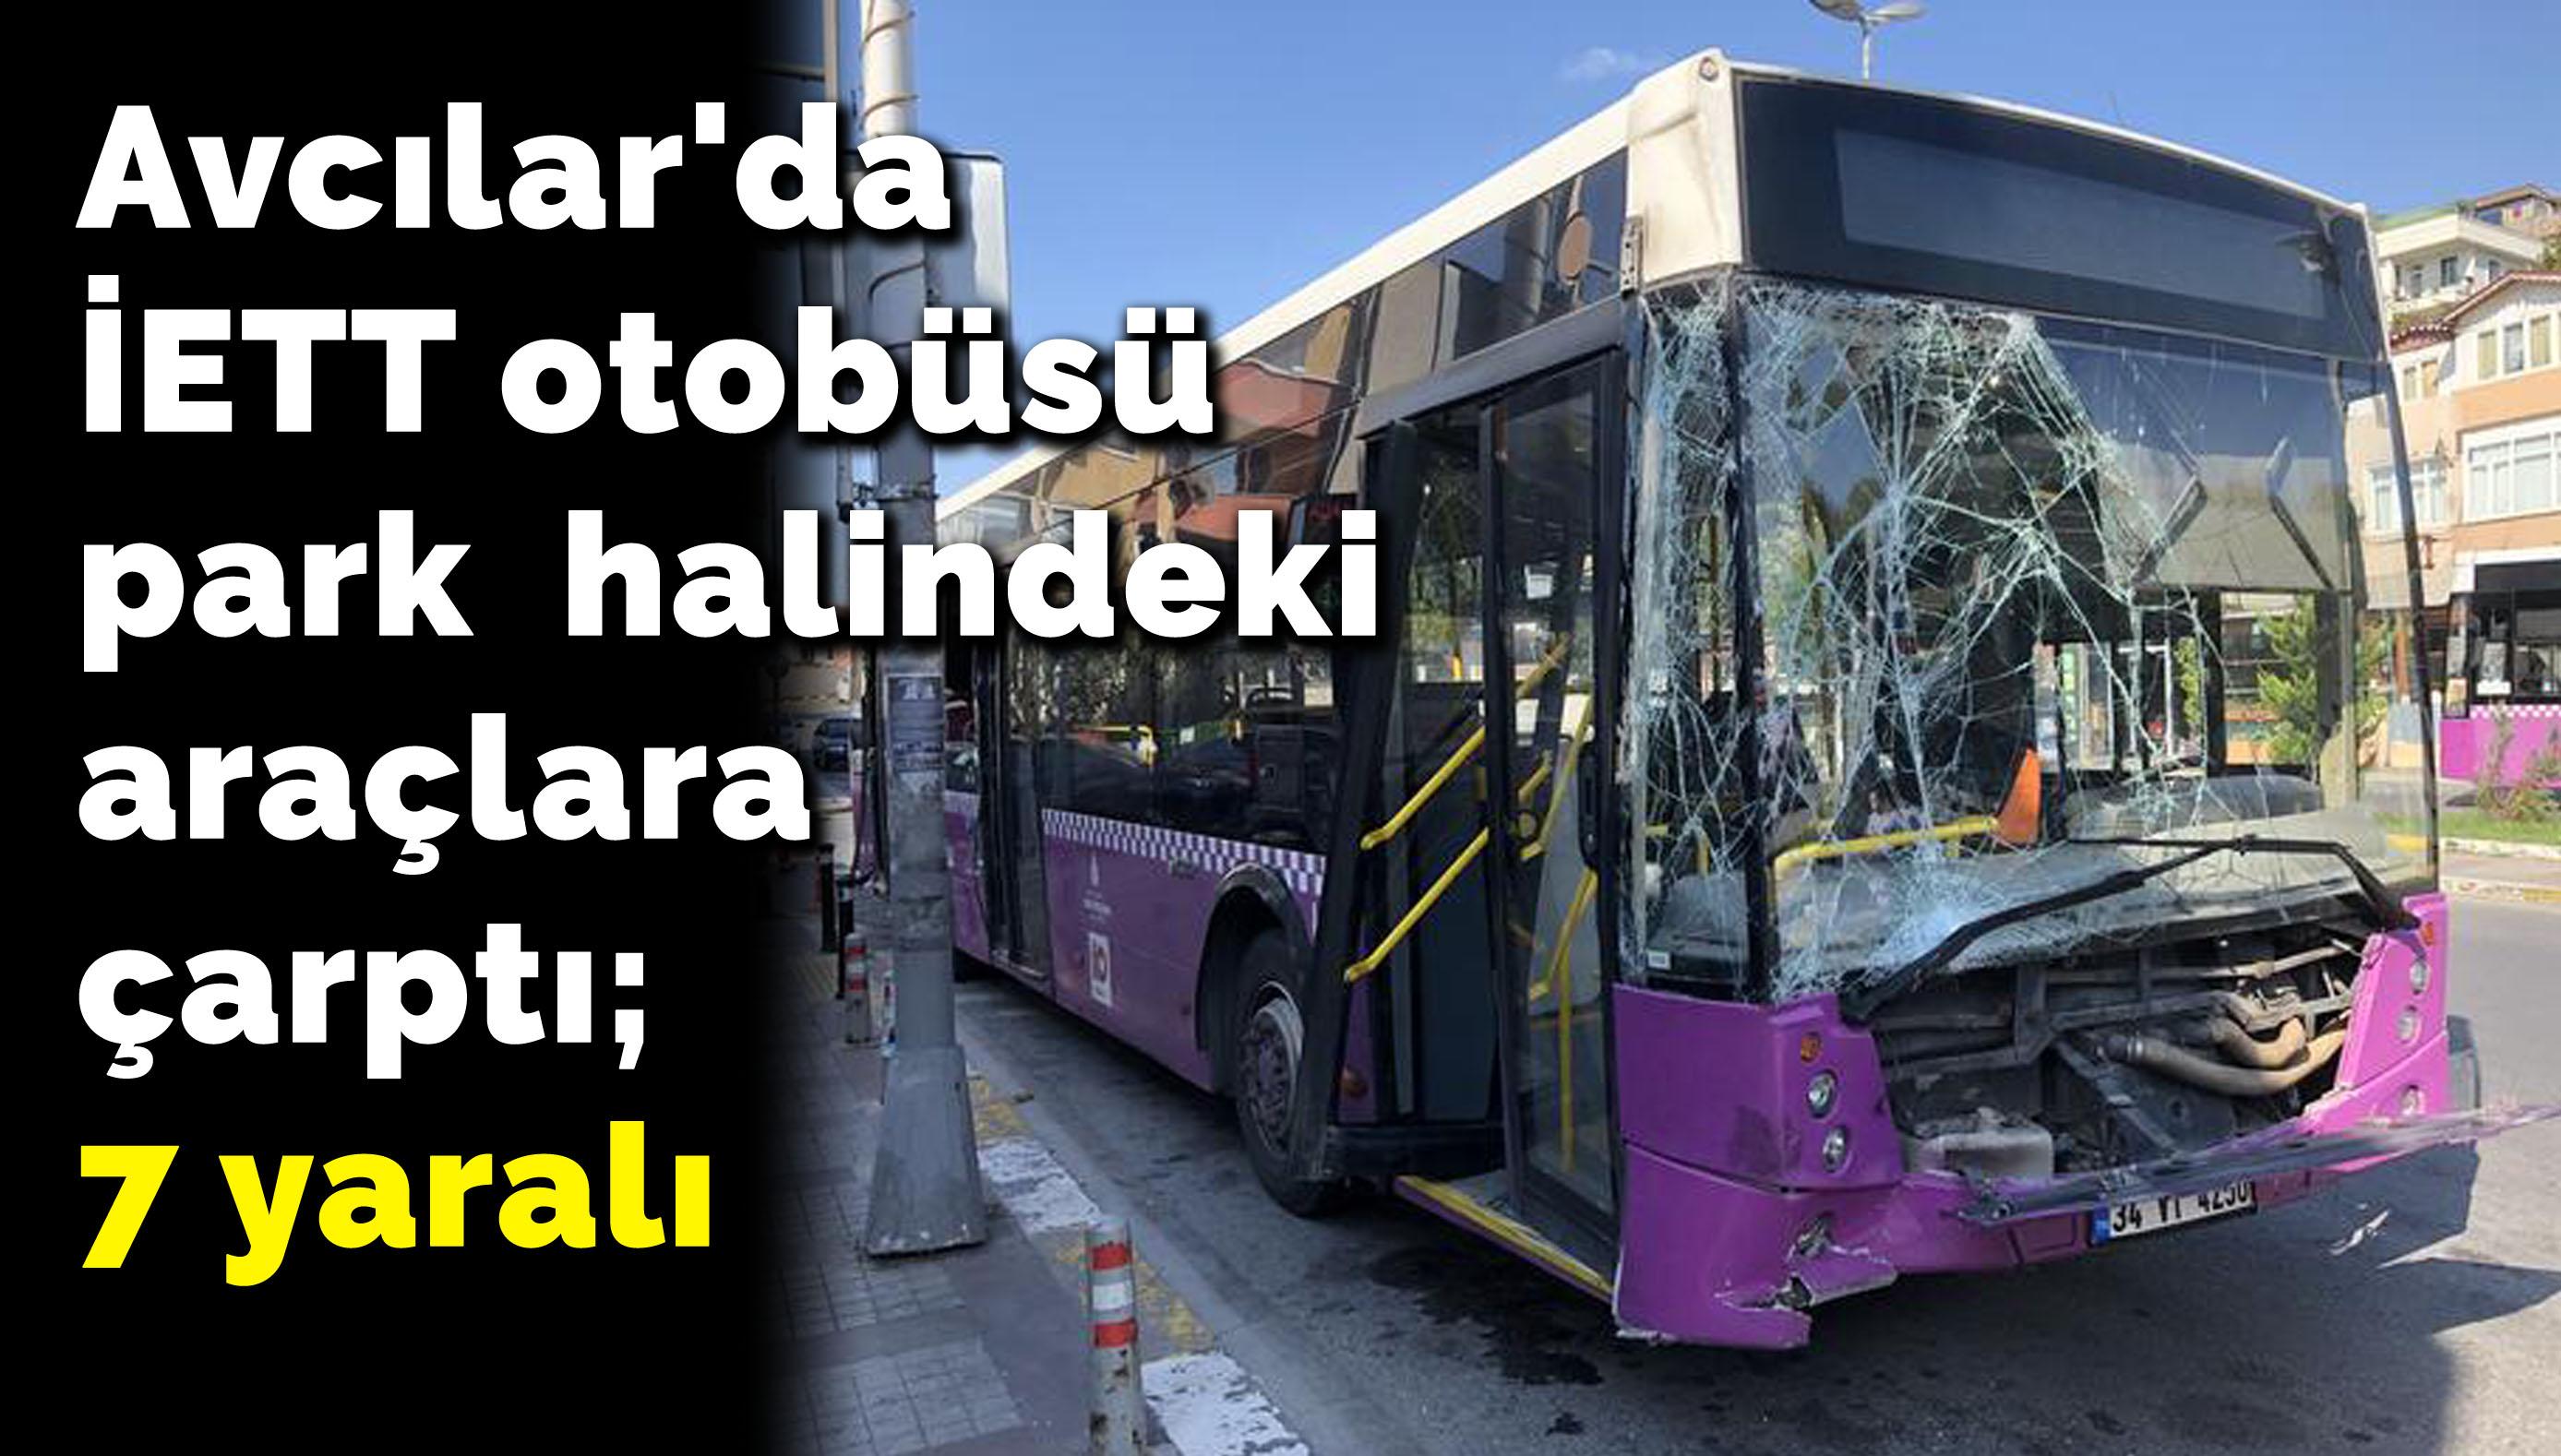 Avcılar'da İETT otobüsü park halindeki araçlara çarptı; 7 yaralı